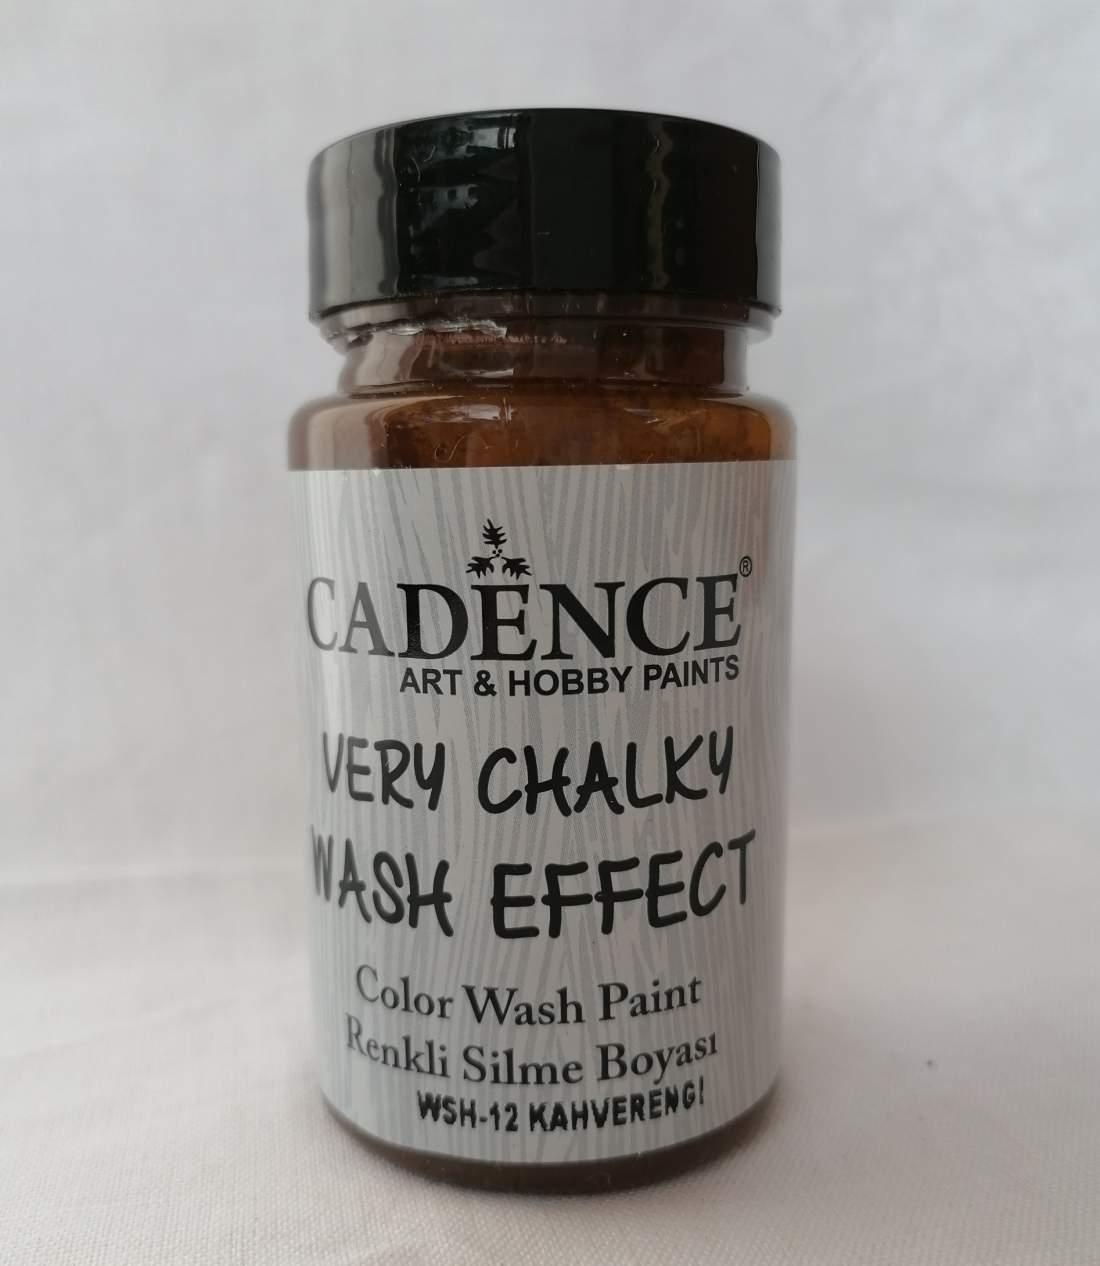 Very chalky wash effekt - barna